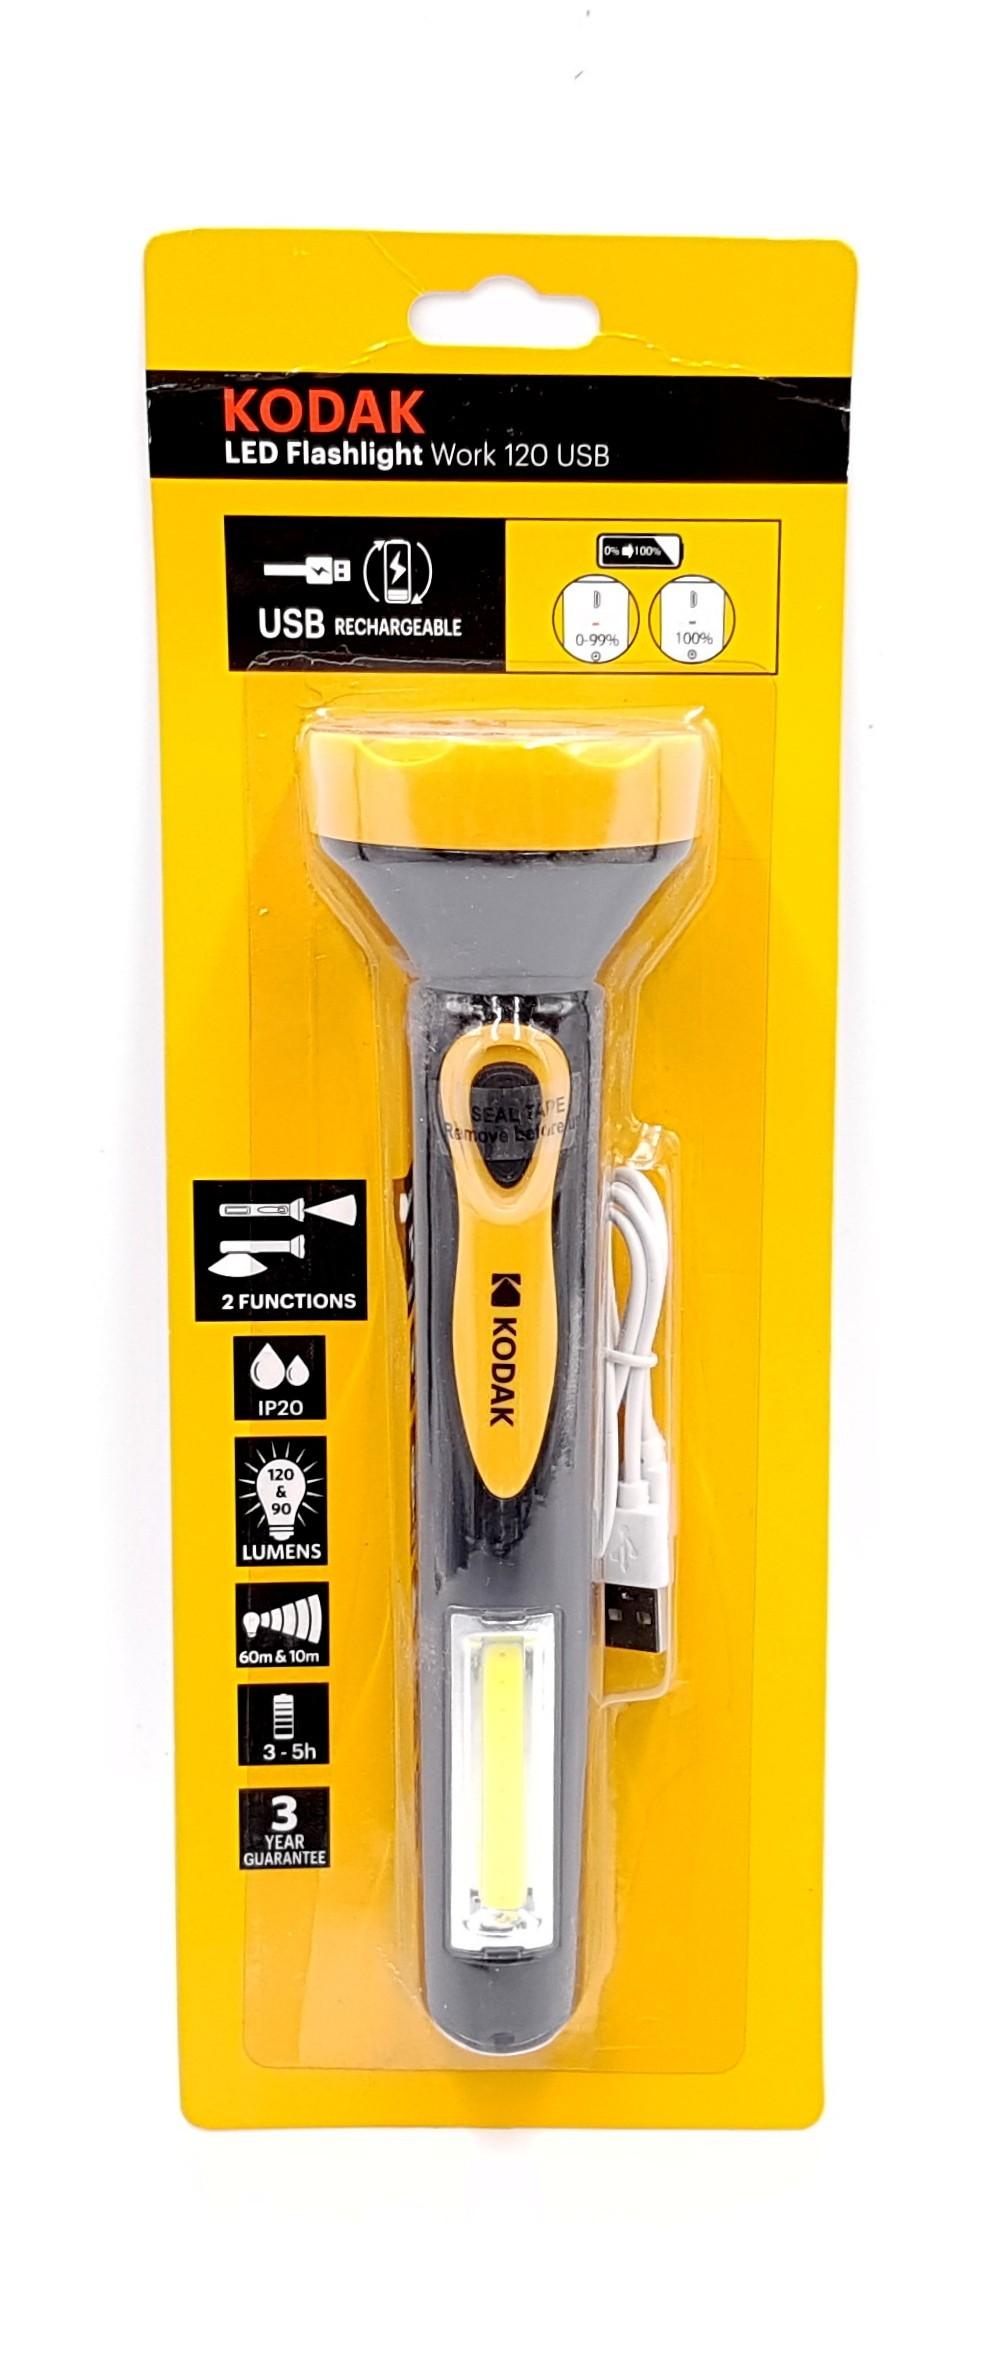 Lanterna LED KODAK Work 120 USB imagine techstar.ro 2021